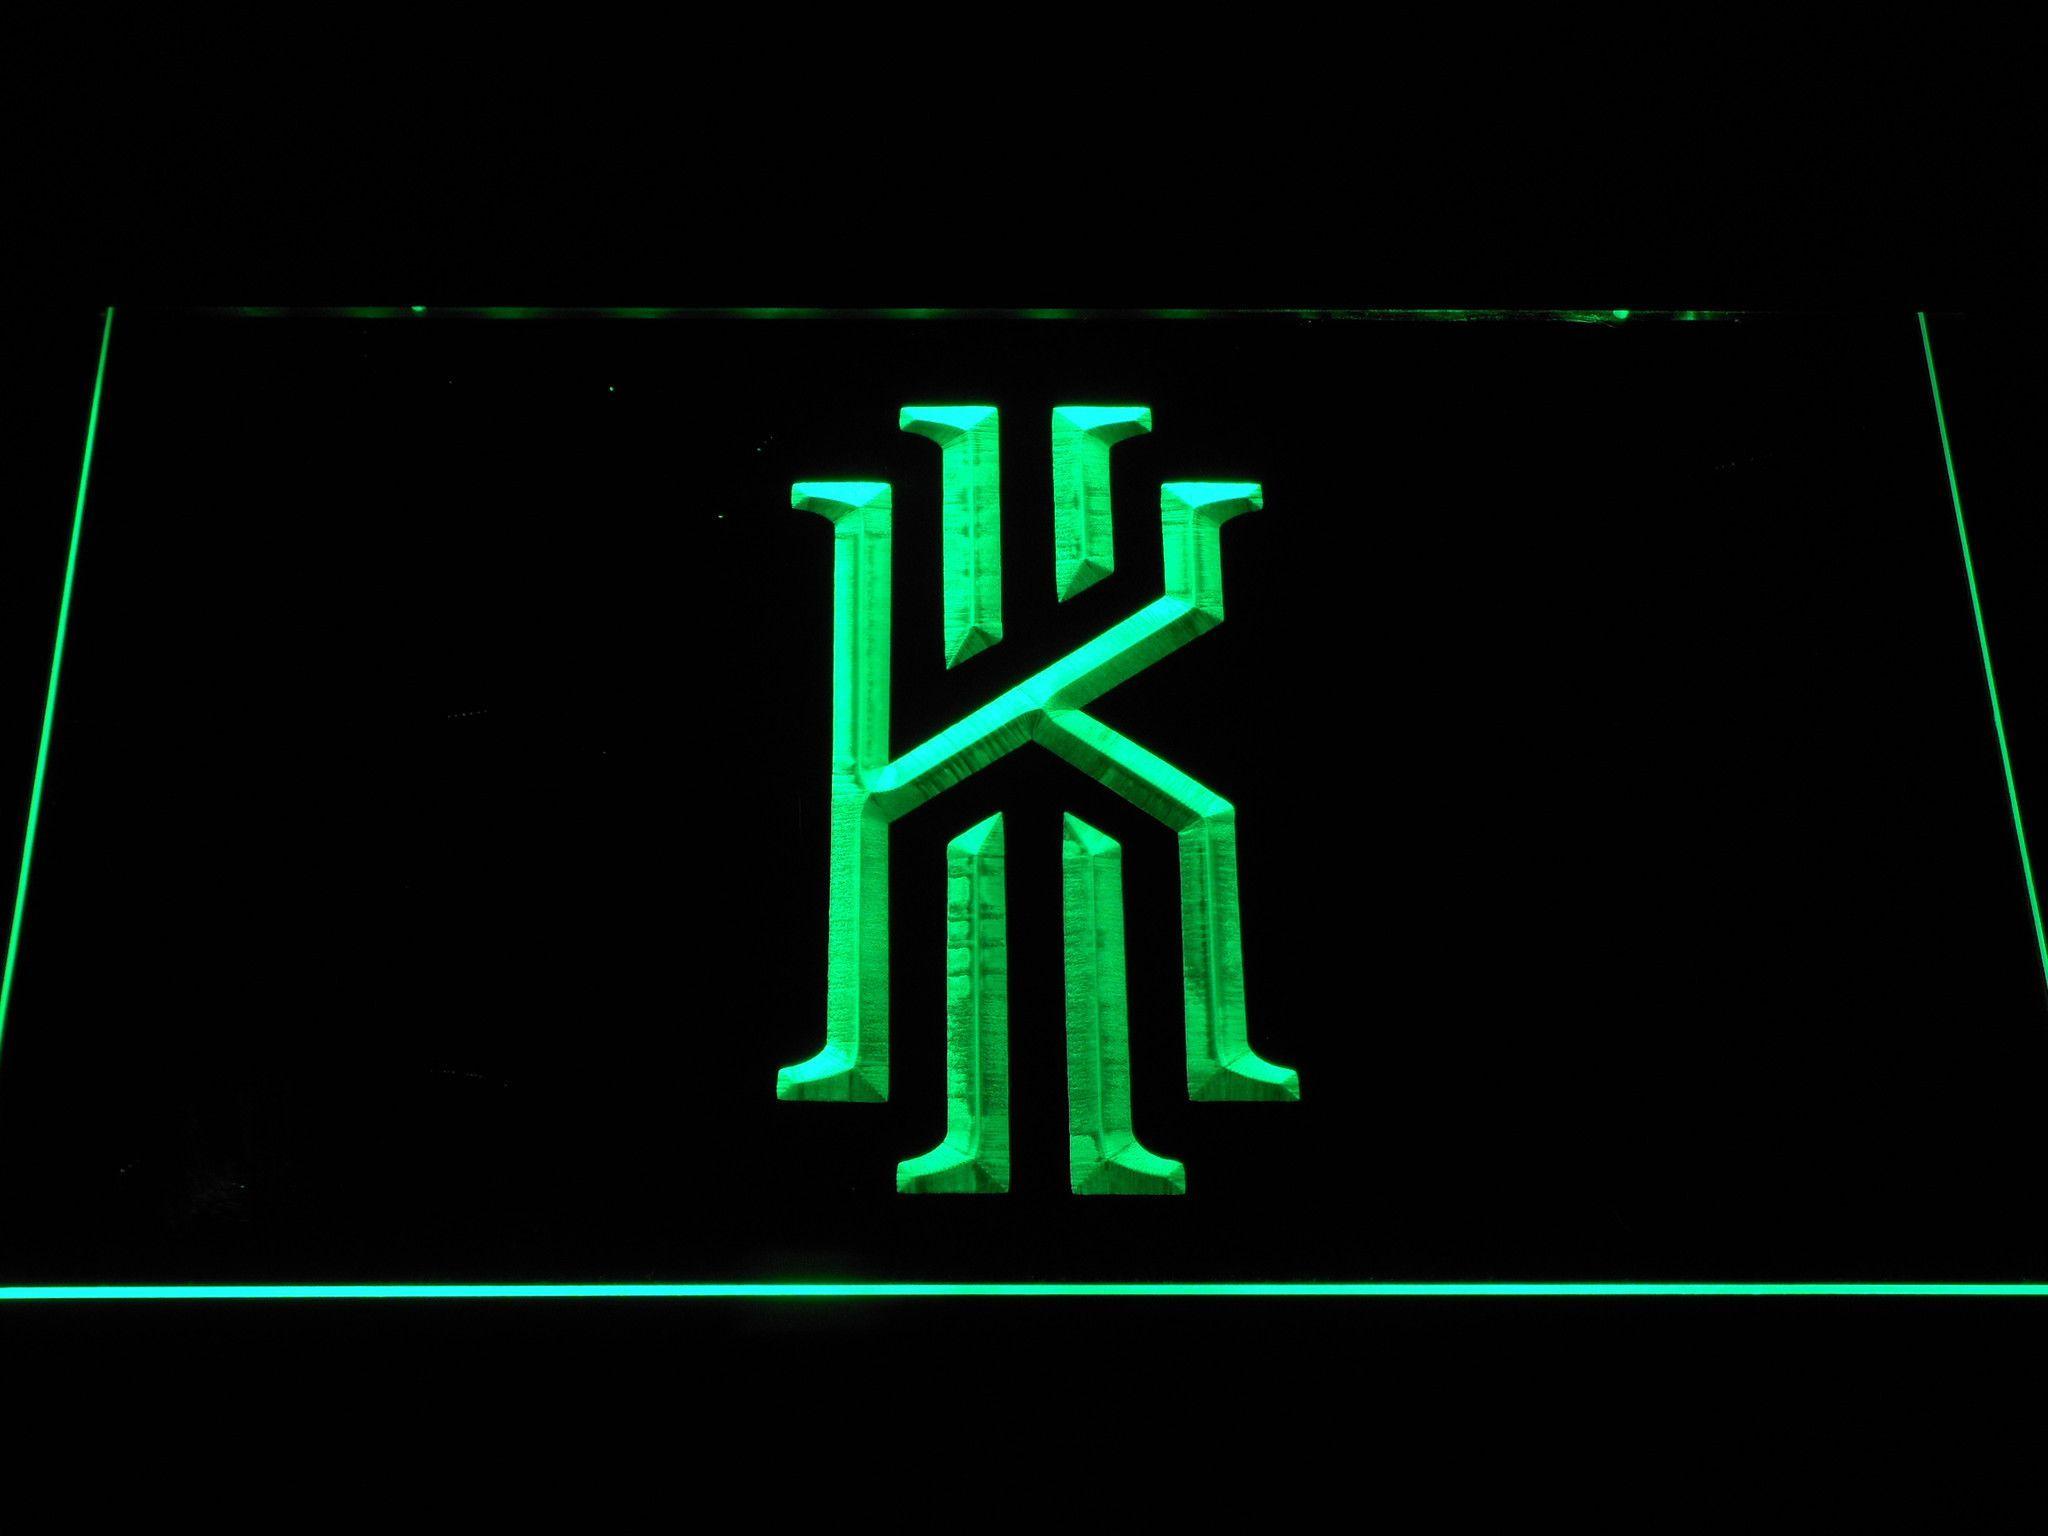 Custom LED Neon Sign Design Your Own Landscape Led